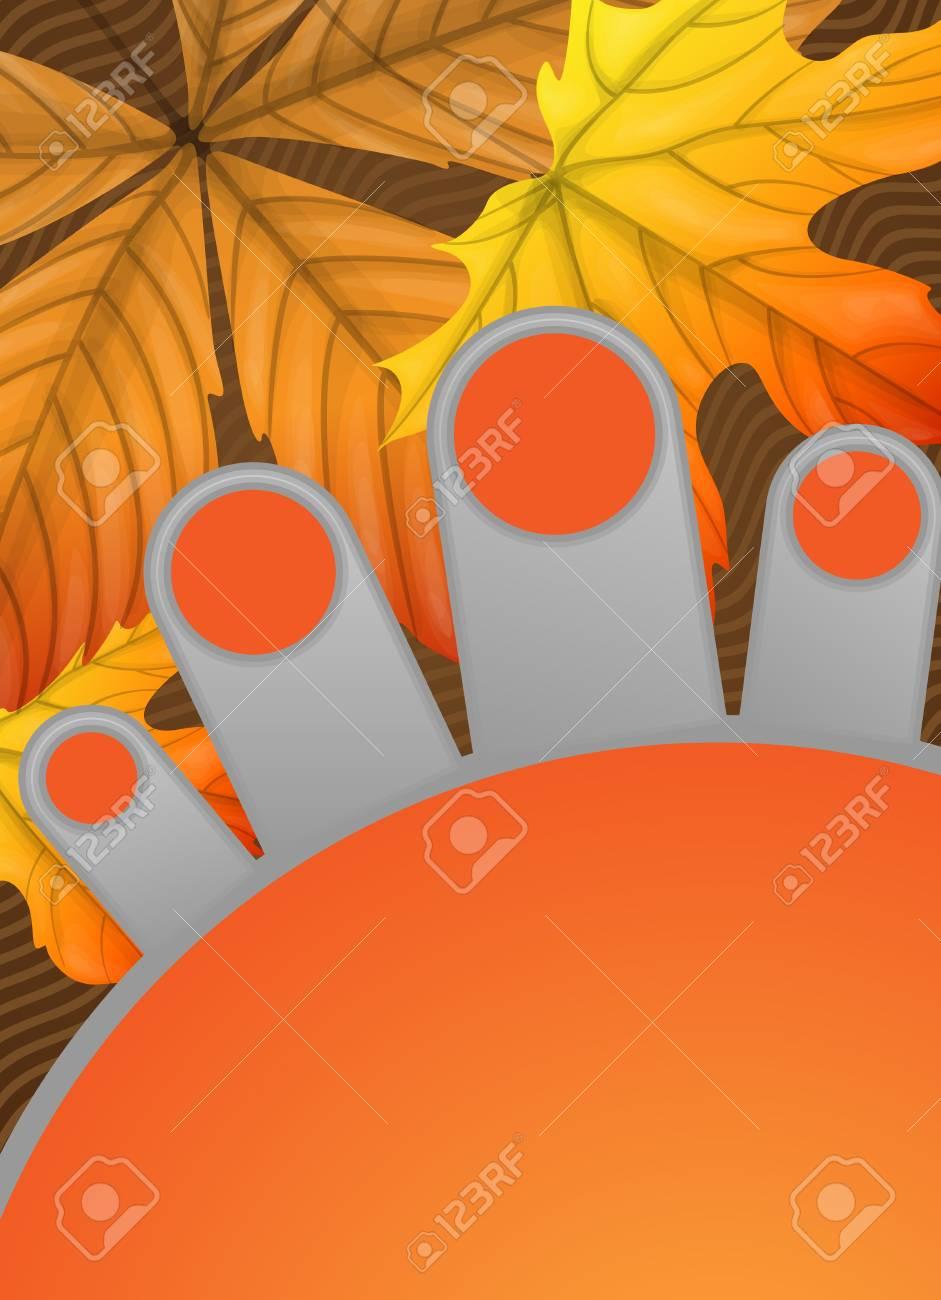 Autumn sale. Stock Photo - 17258838